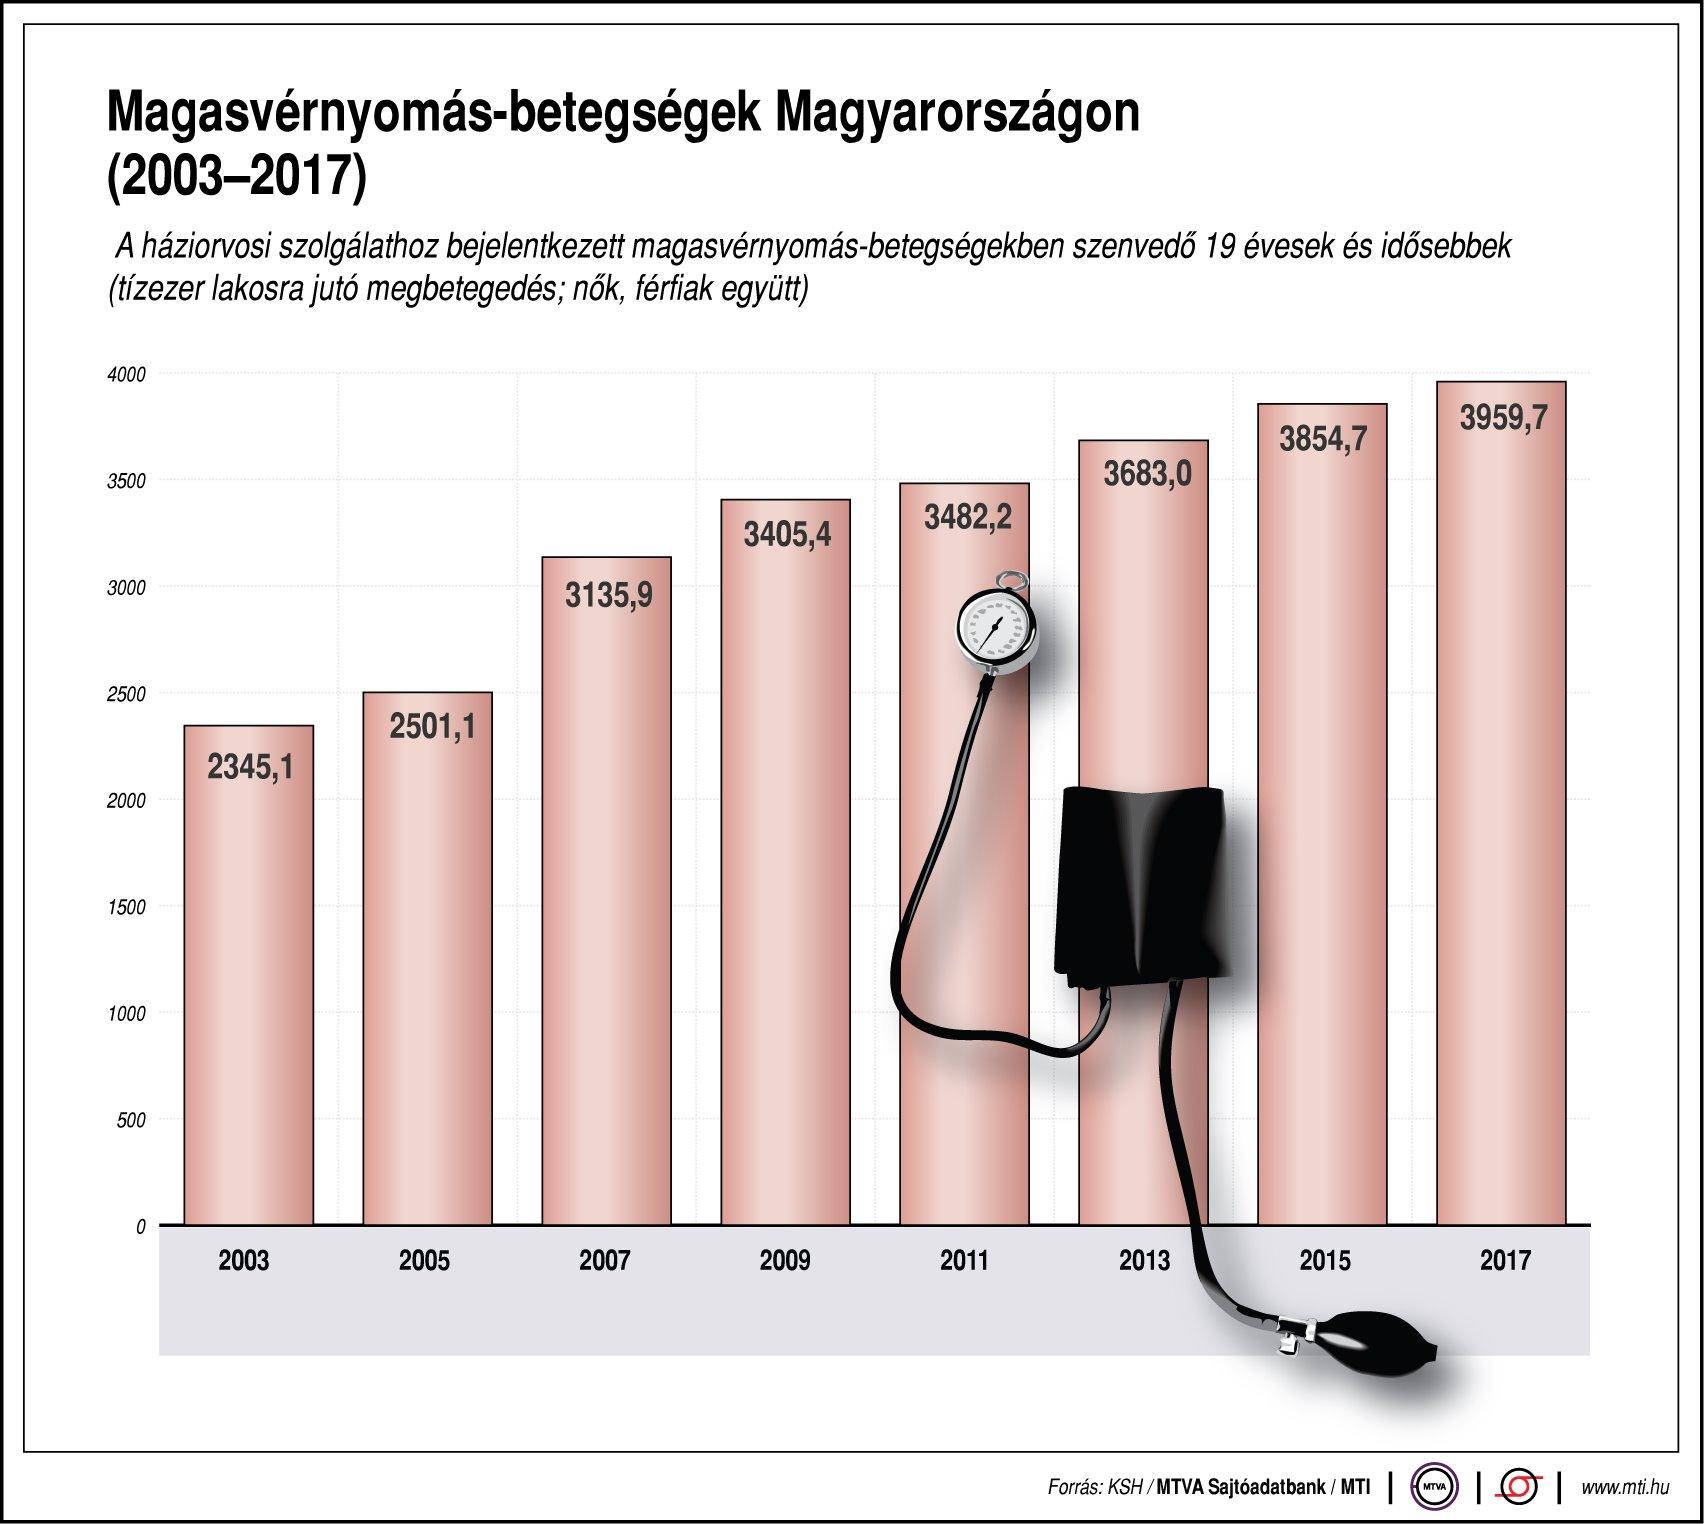 mi a magas vérnyomás 1 fokú kockázata magas vérnyomás és a zene